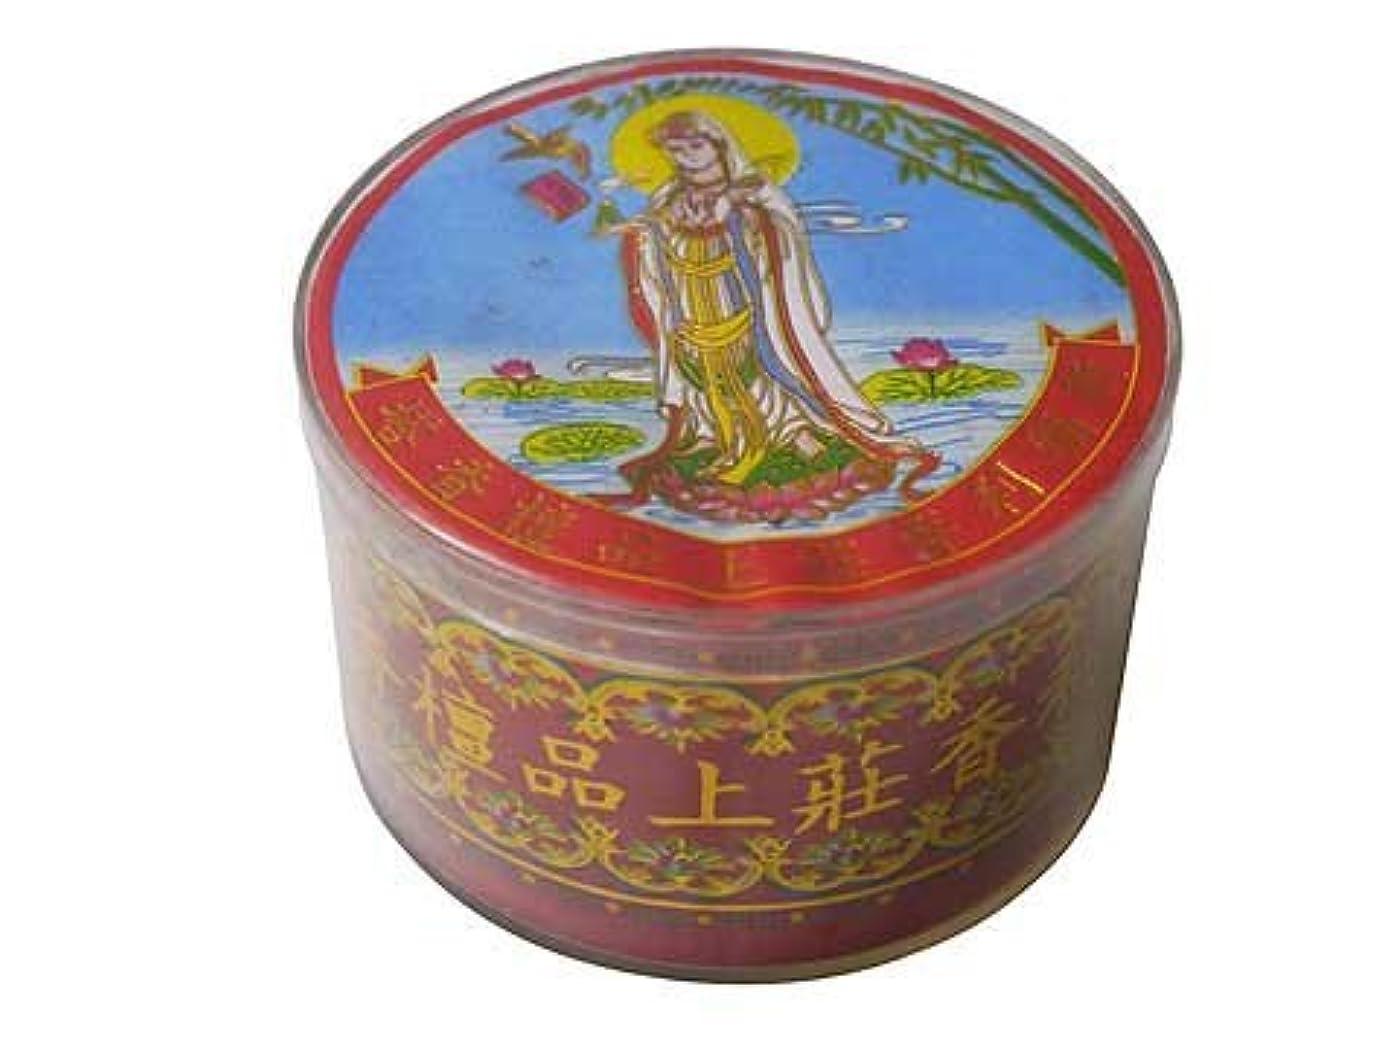 宿る道に迷いました非常に怒っていますVietnam Incense ベトナムのお香【観音様ラベル渦巻き檀香】